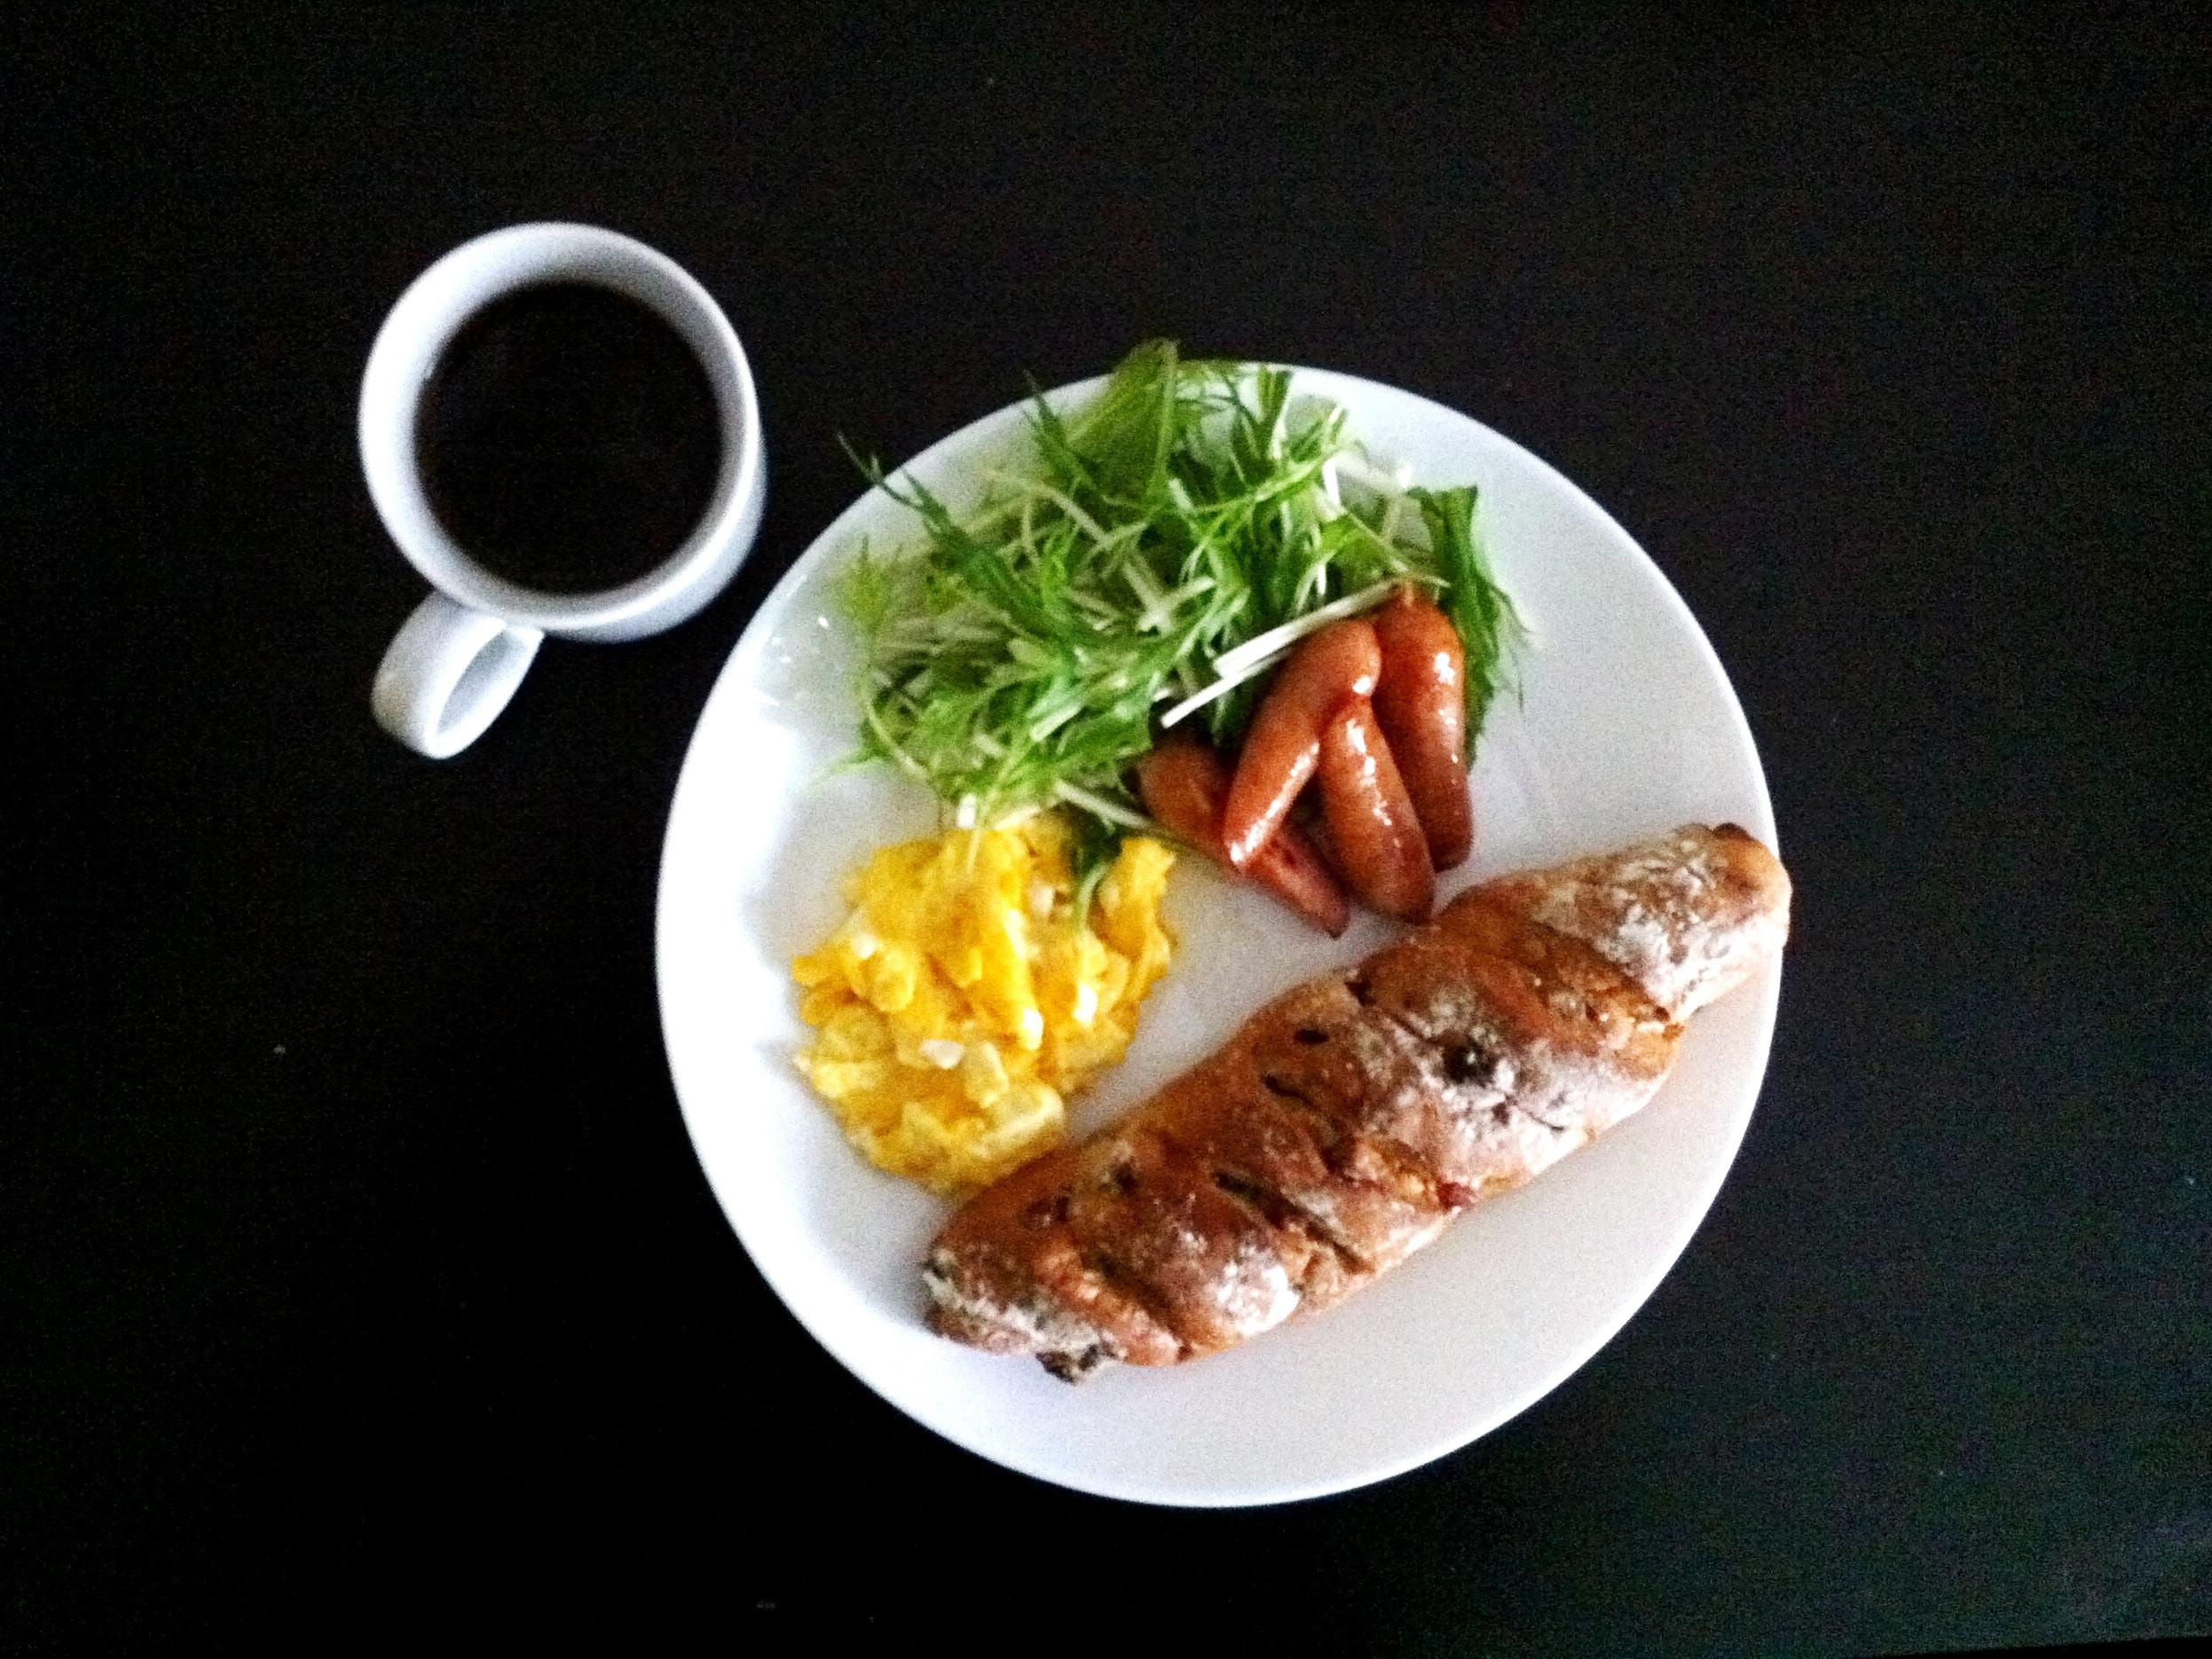 木ノ実が入ったパン、スクランブルエッグ、ソーセージ、水菜、ヘーゼルナッツフレーバーコーヒー